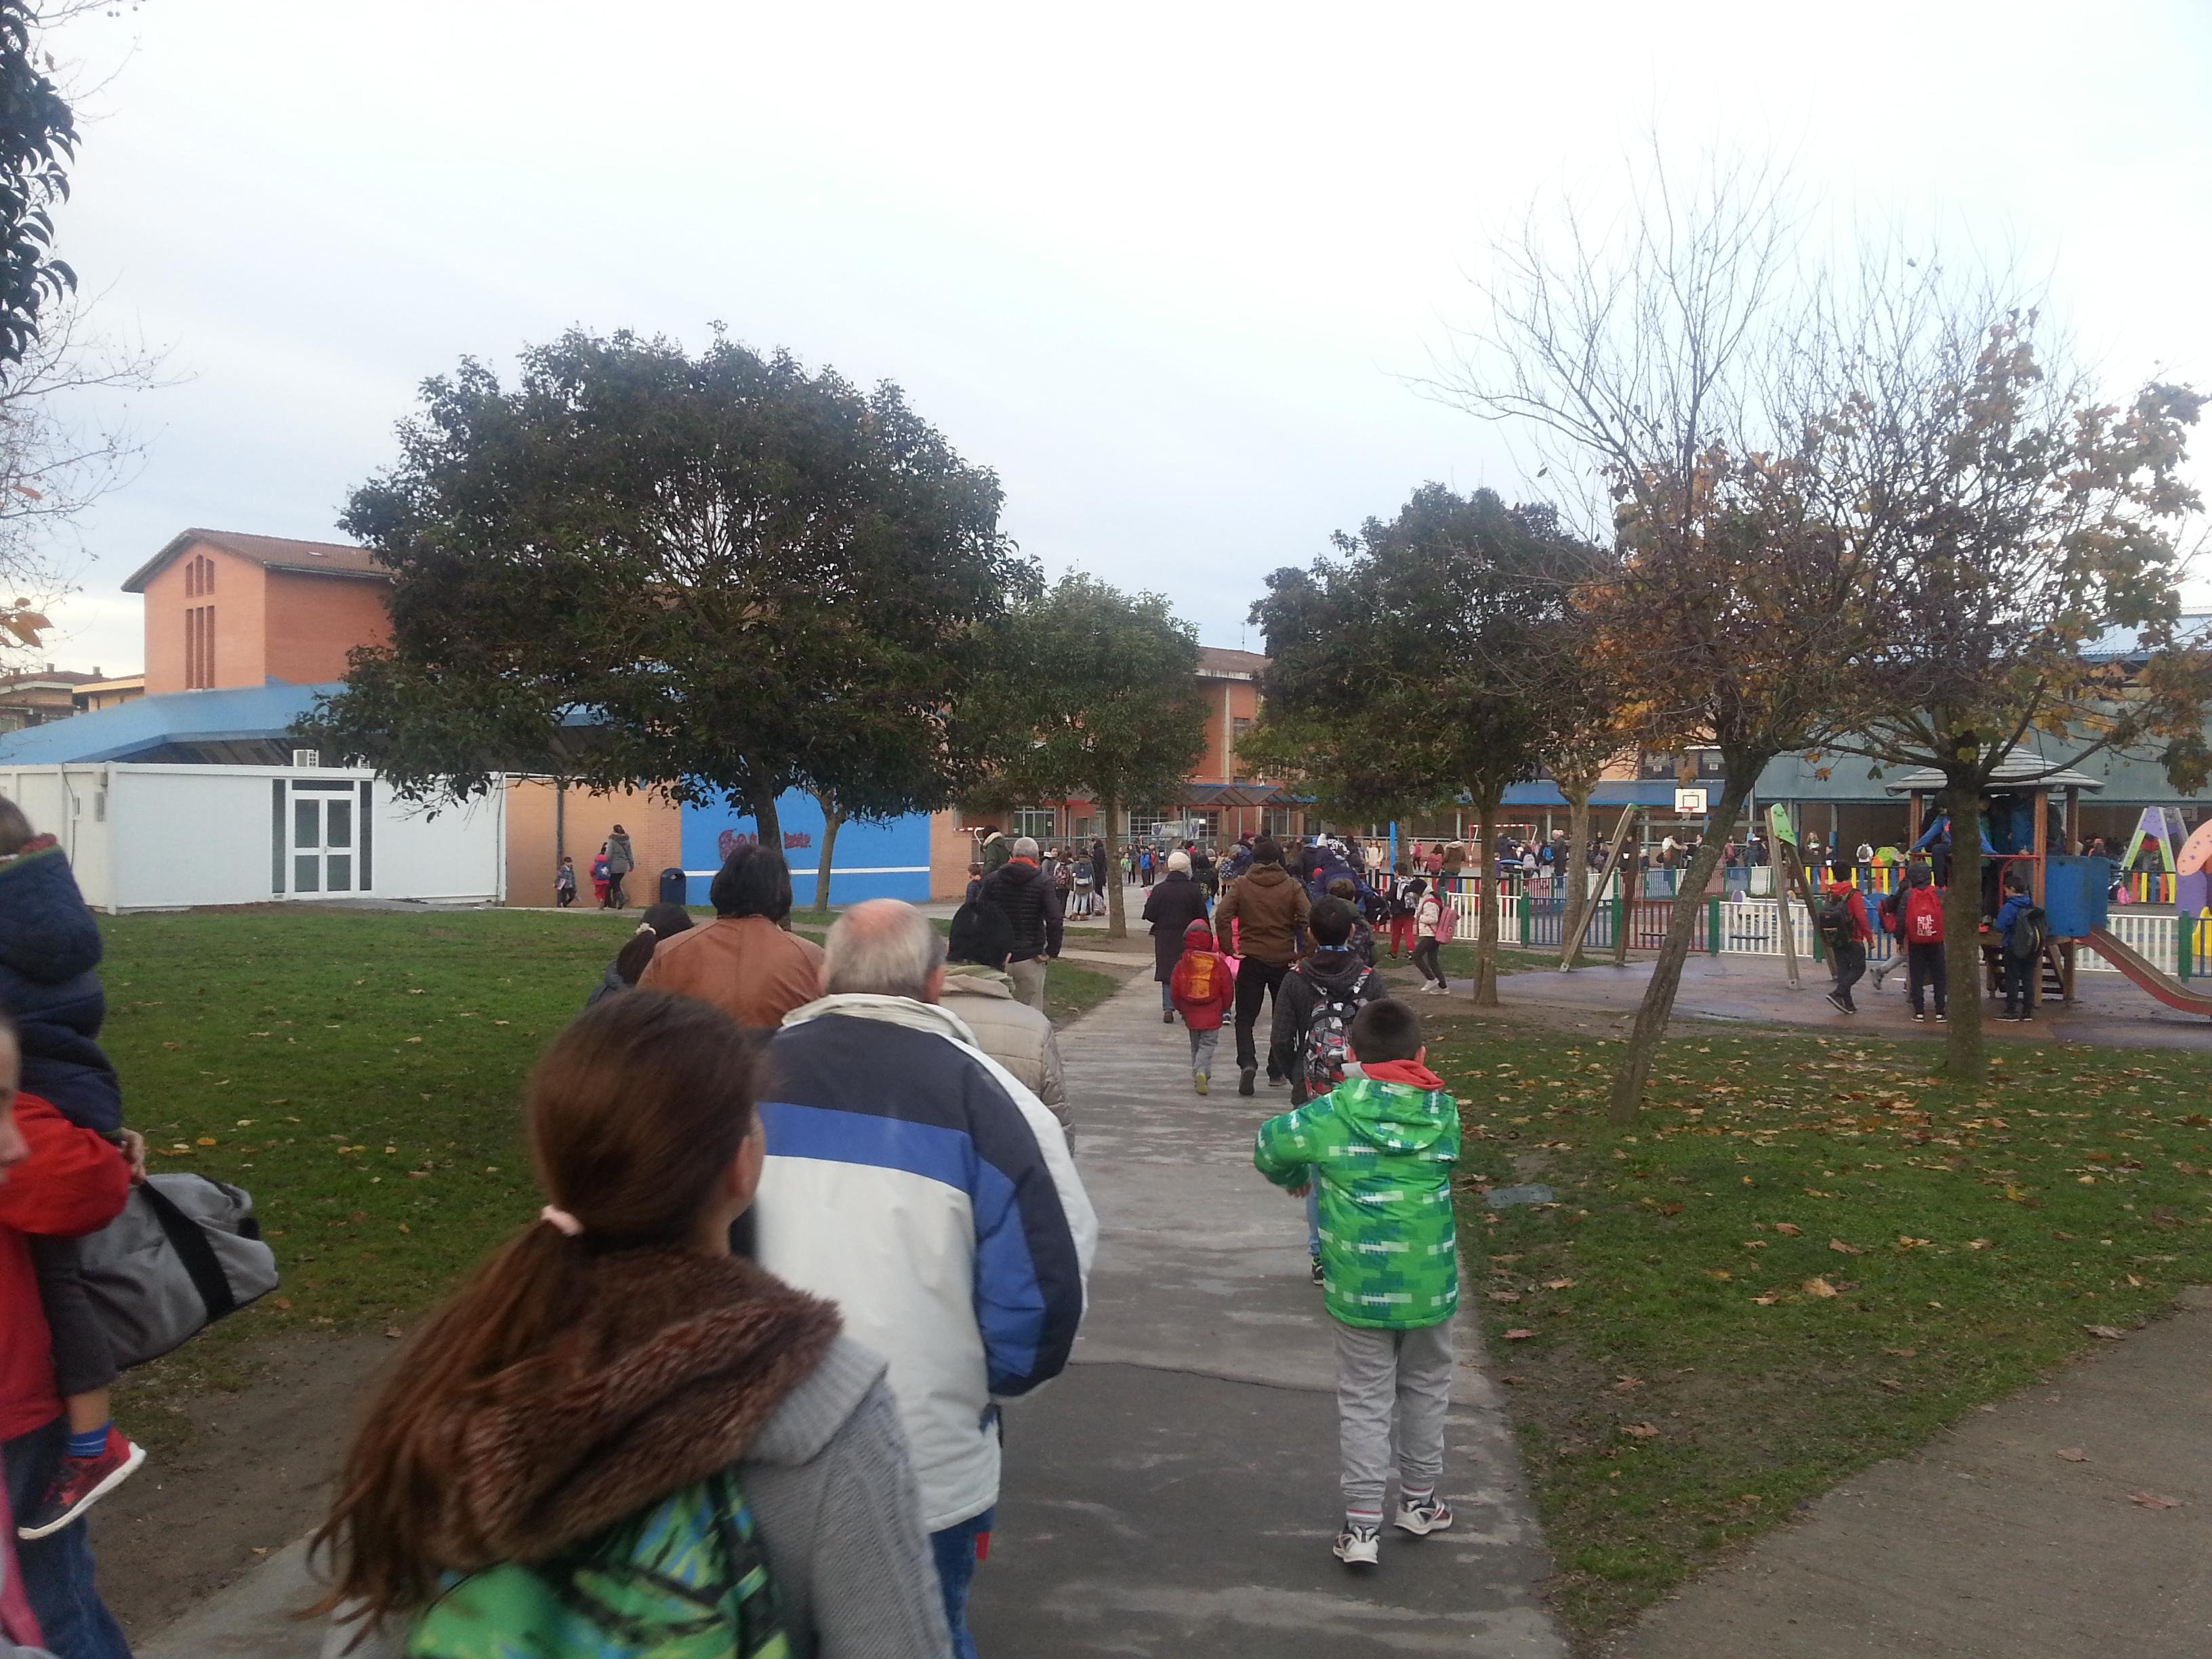 Alumno@s accediendo al colegio